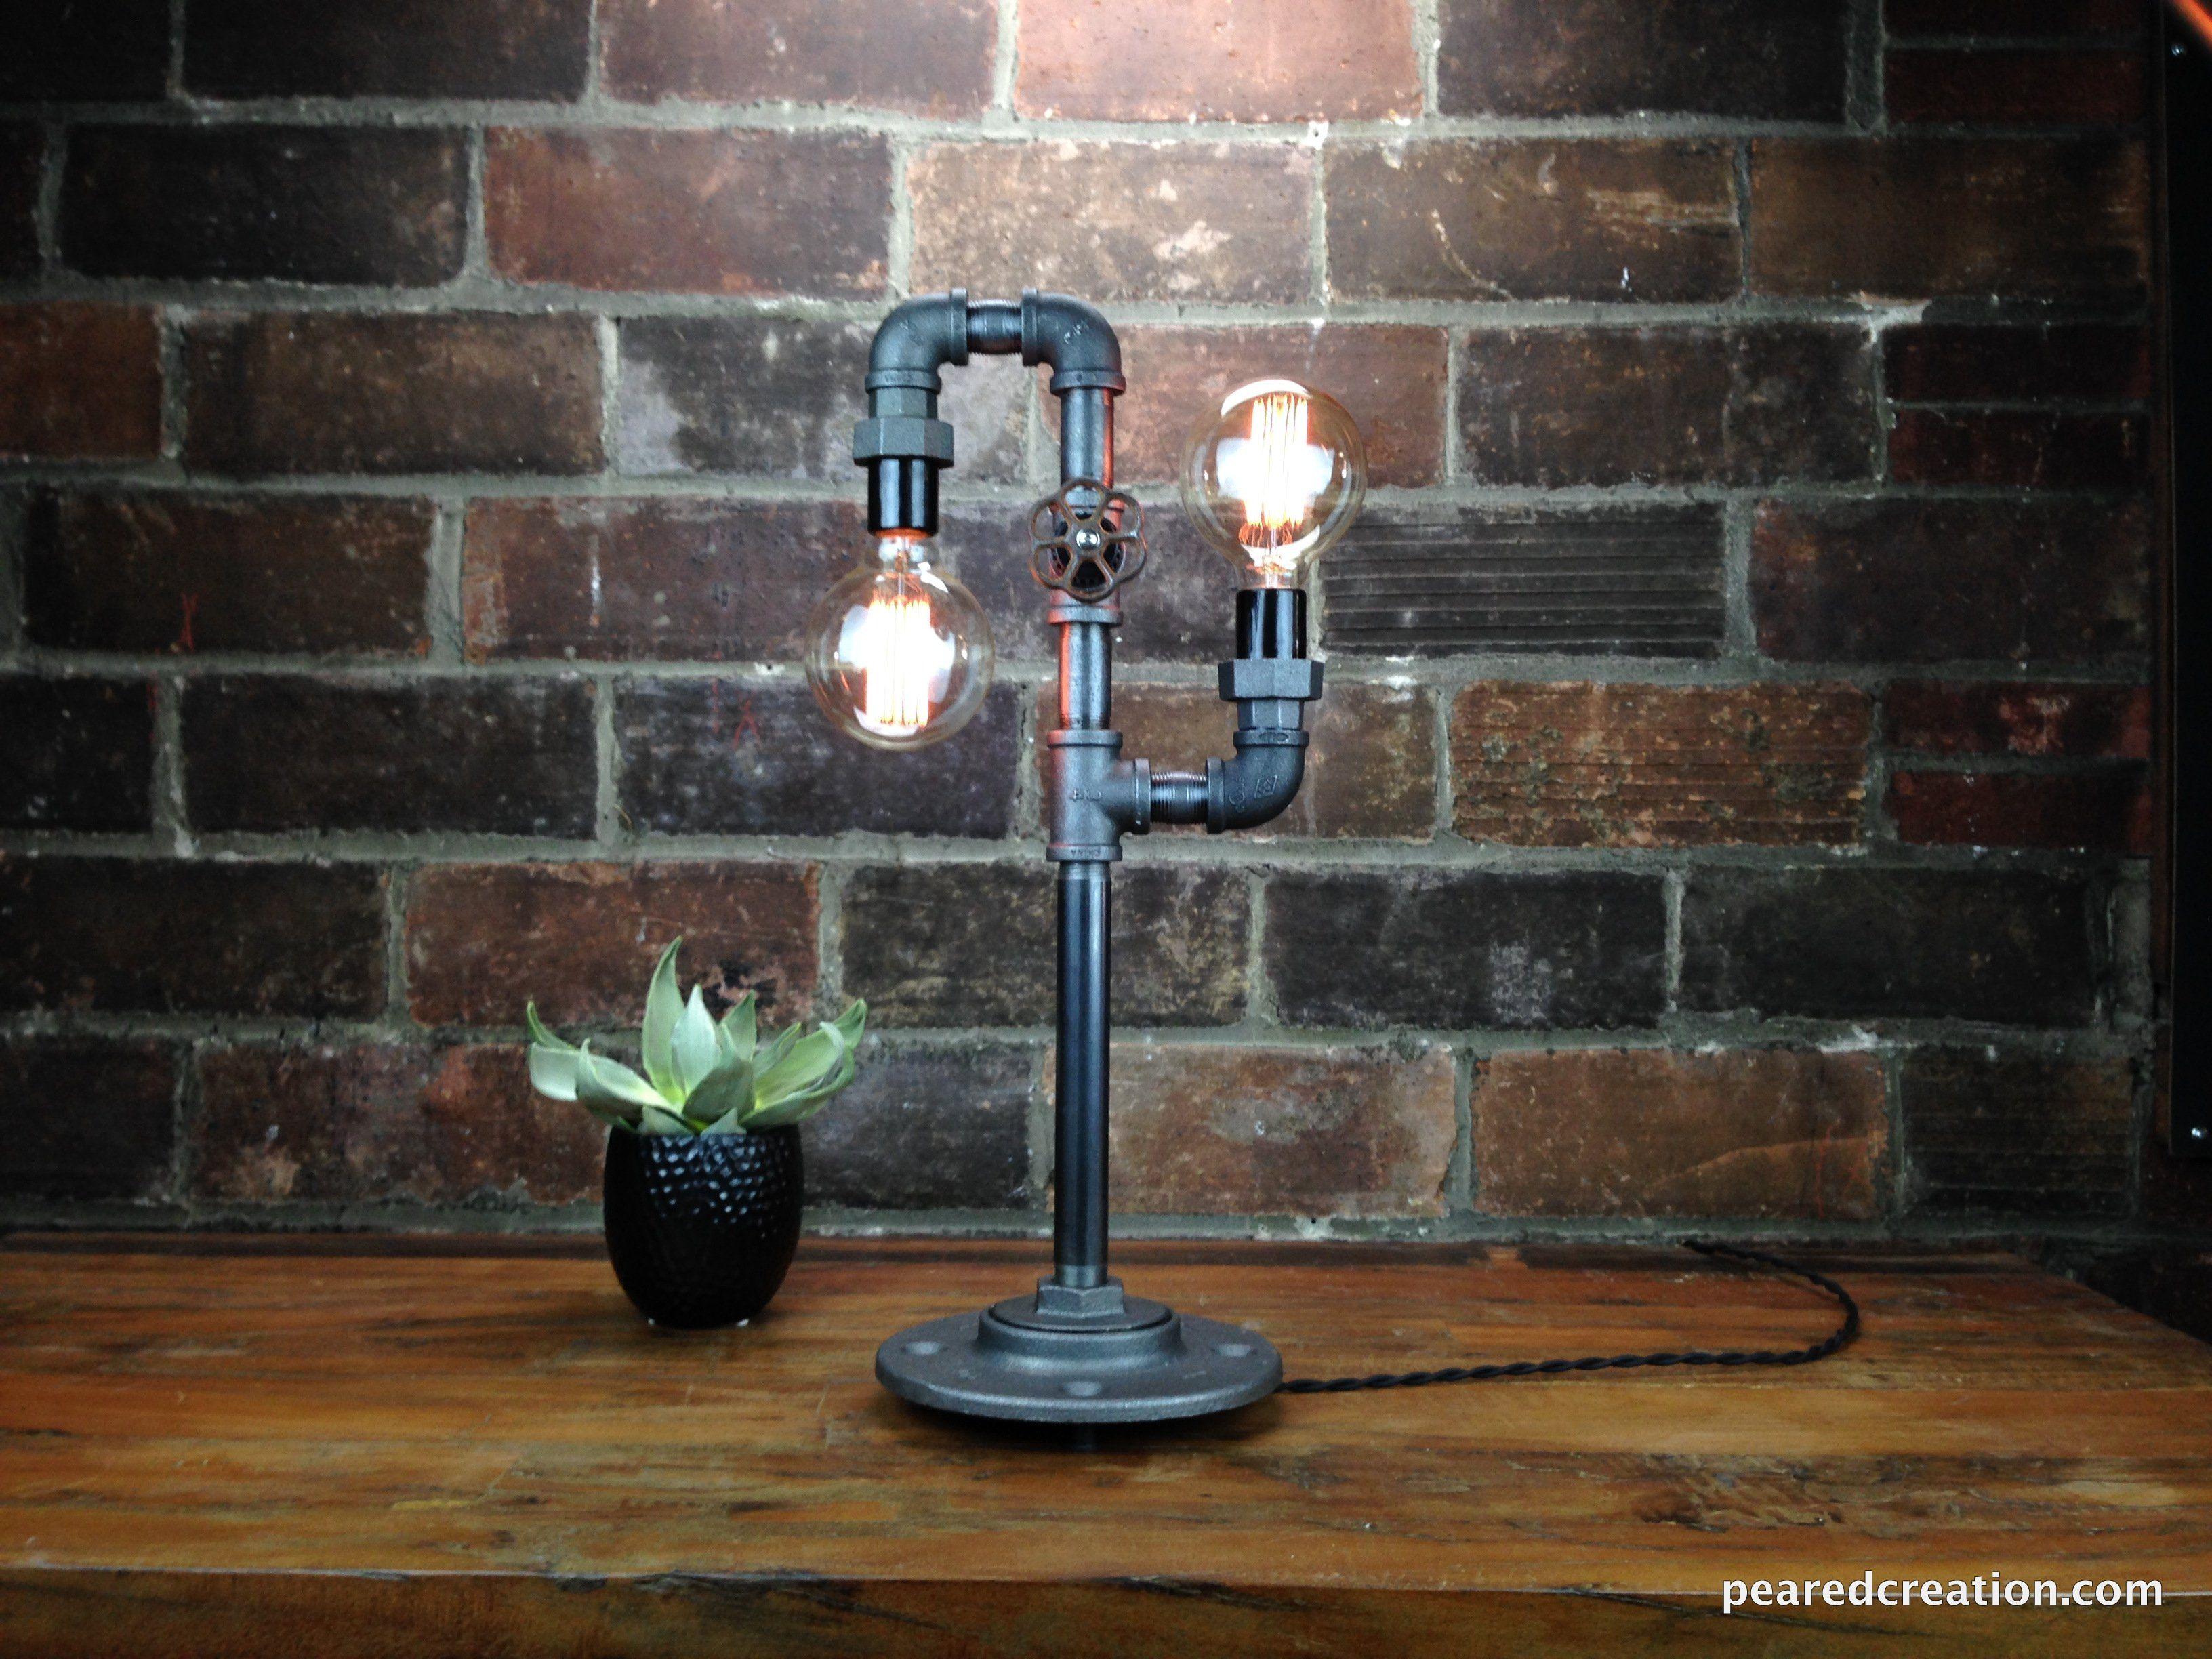 industrie stil lampe aus baustahl und gl hbirne lampen pinterest industrie stil lampen. Black Bedroom Furniture Sets. Home Design Ideas